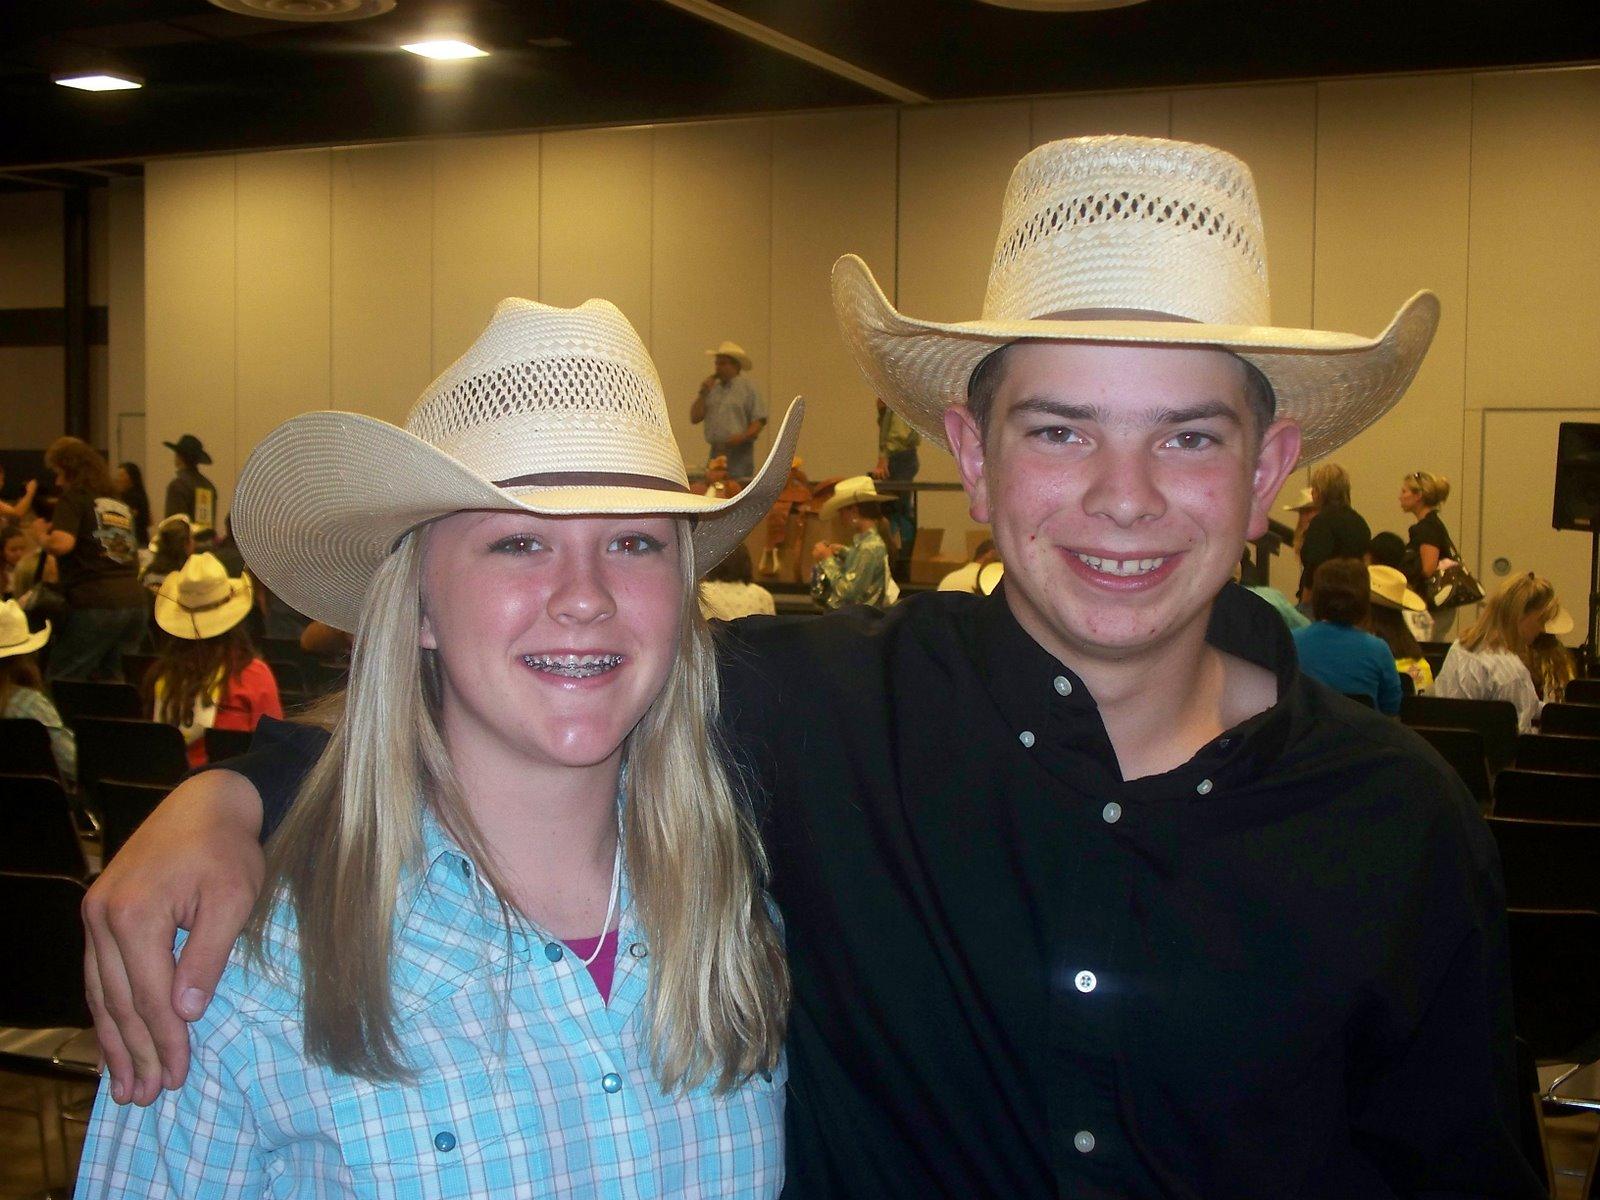 [Cowboy+Prom+]